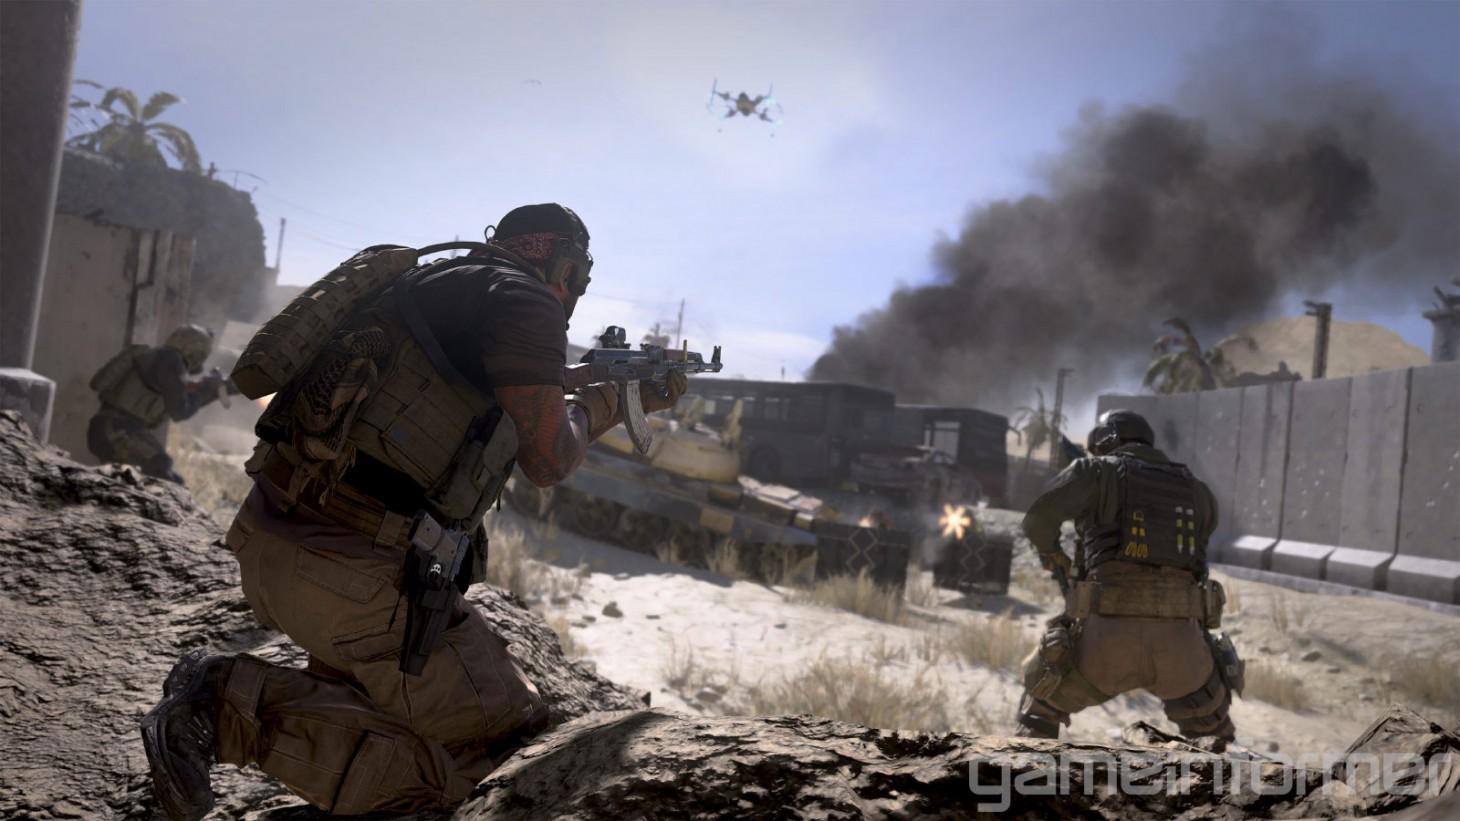 September Cover Revealed – Call of Duty: Modern Warfare - Game Informer